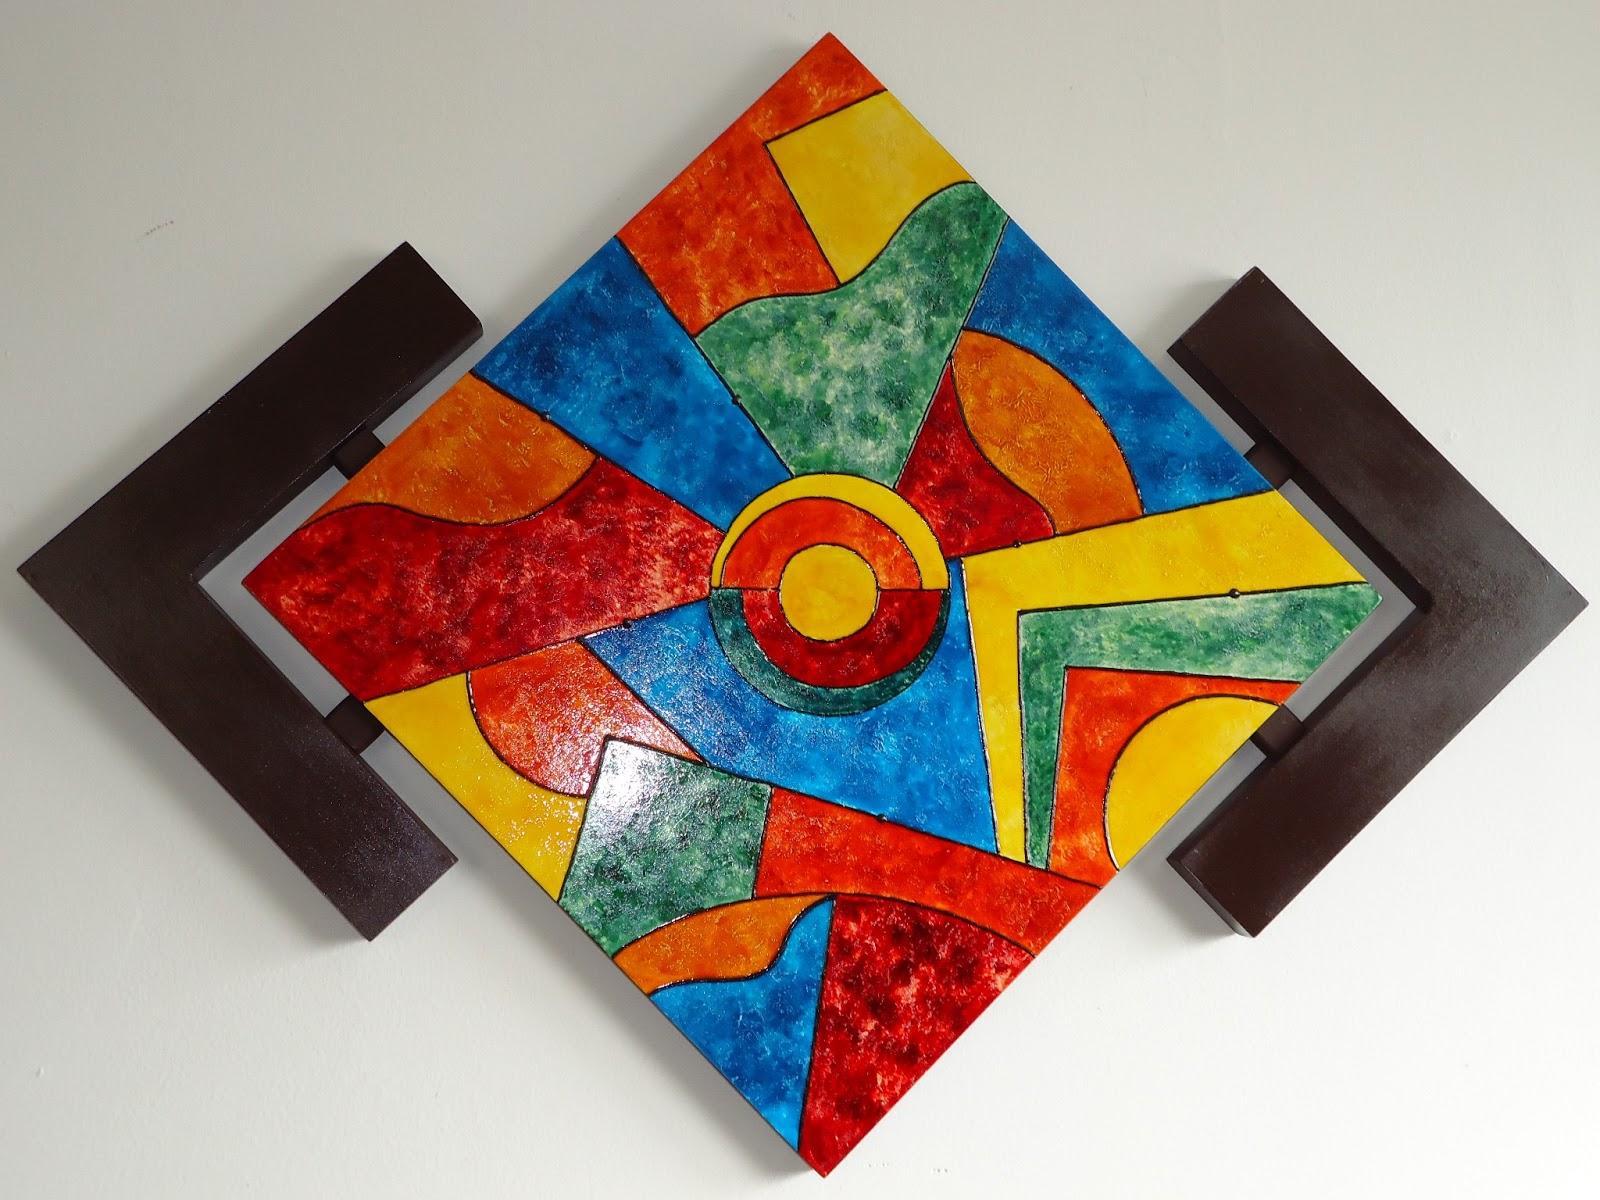 Artes y manualidades cuadros abstractos - Manualidades faciles cuadros ...